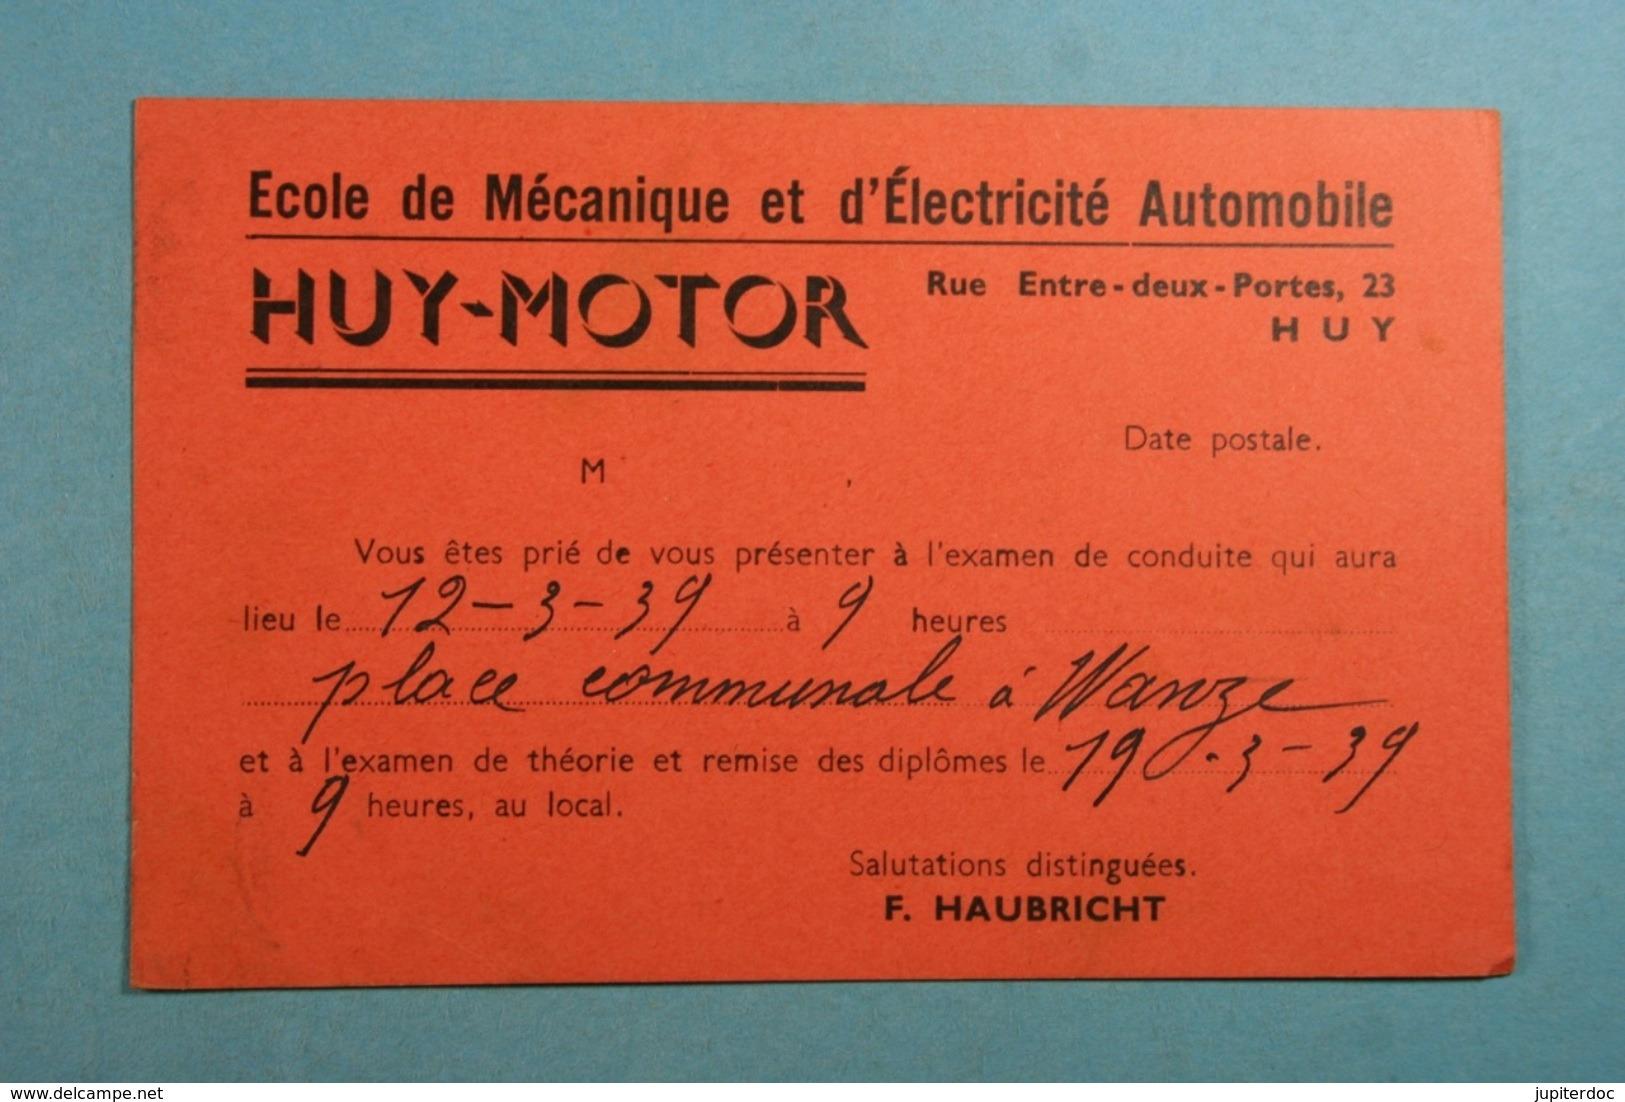 Convocation Ecole De Mécanique Et D'Electricité Automobile Huy-Motor - Huy